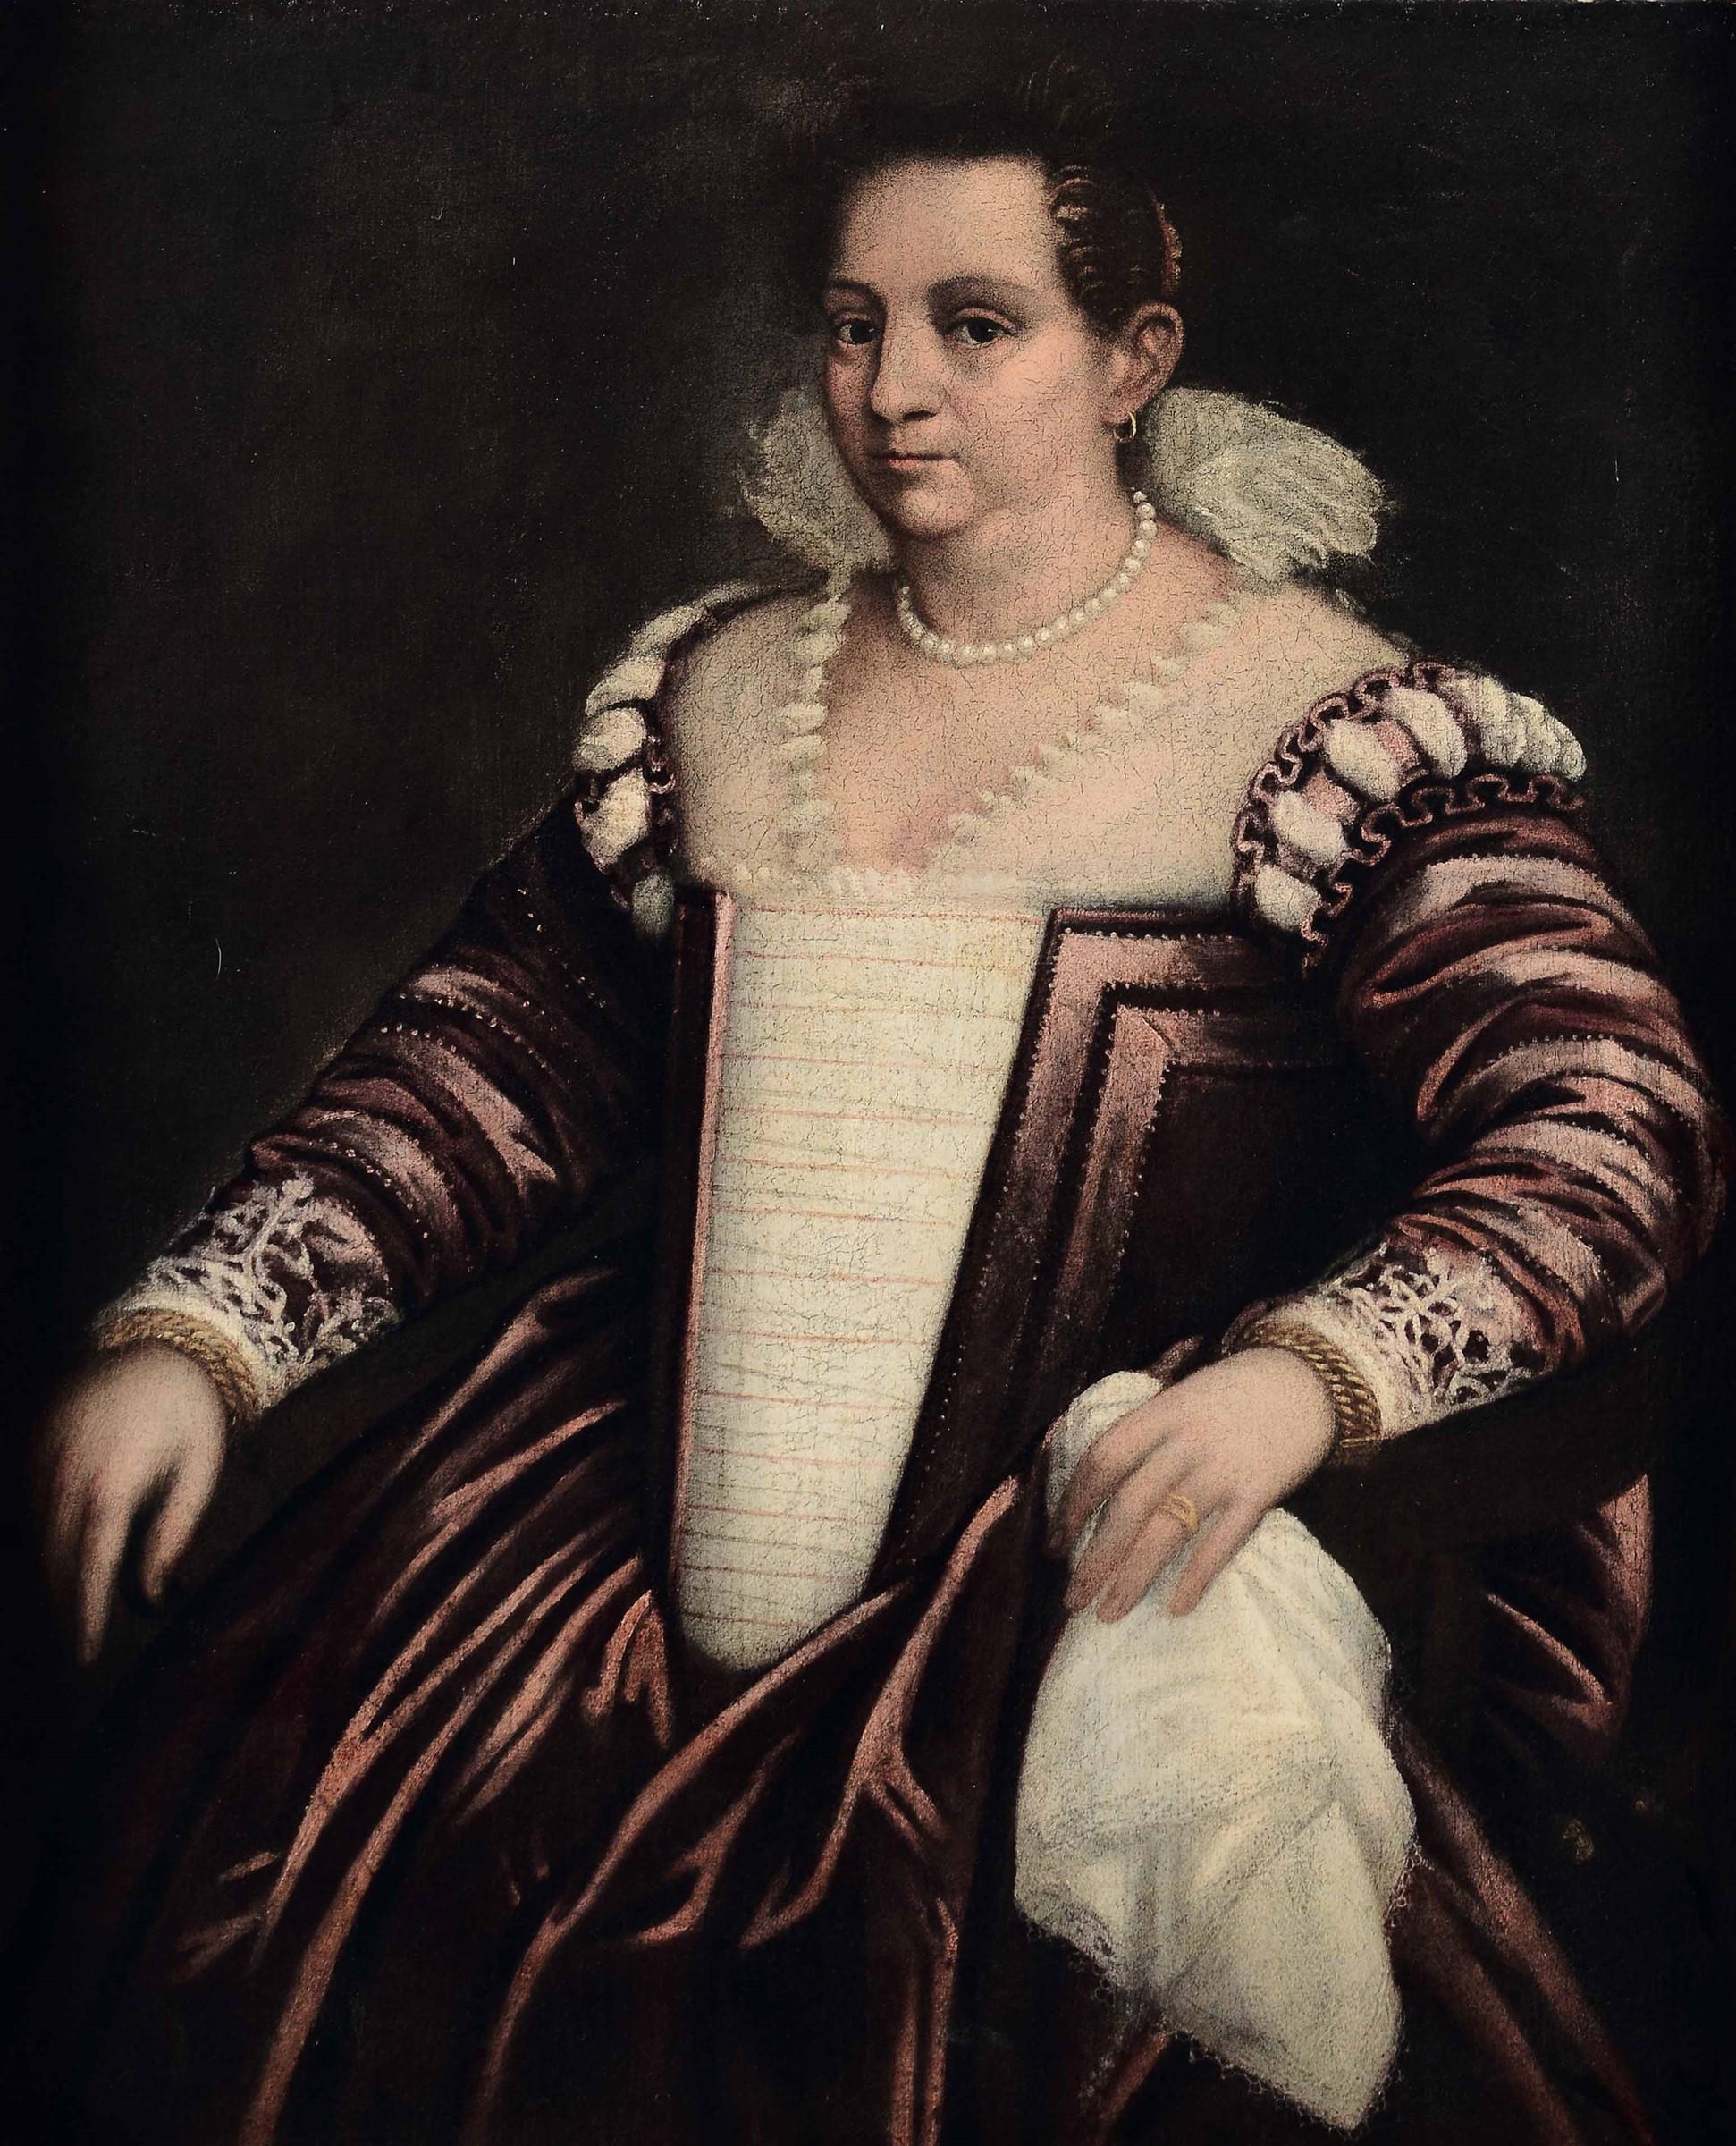 Scuola veneta dell'inizio del XVII secolo, Ritratto di gentildonna con filo di perle [...]